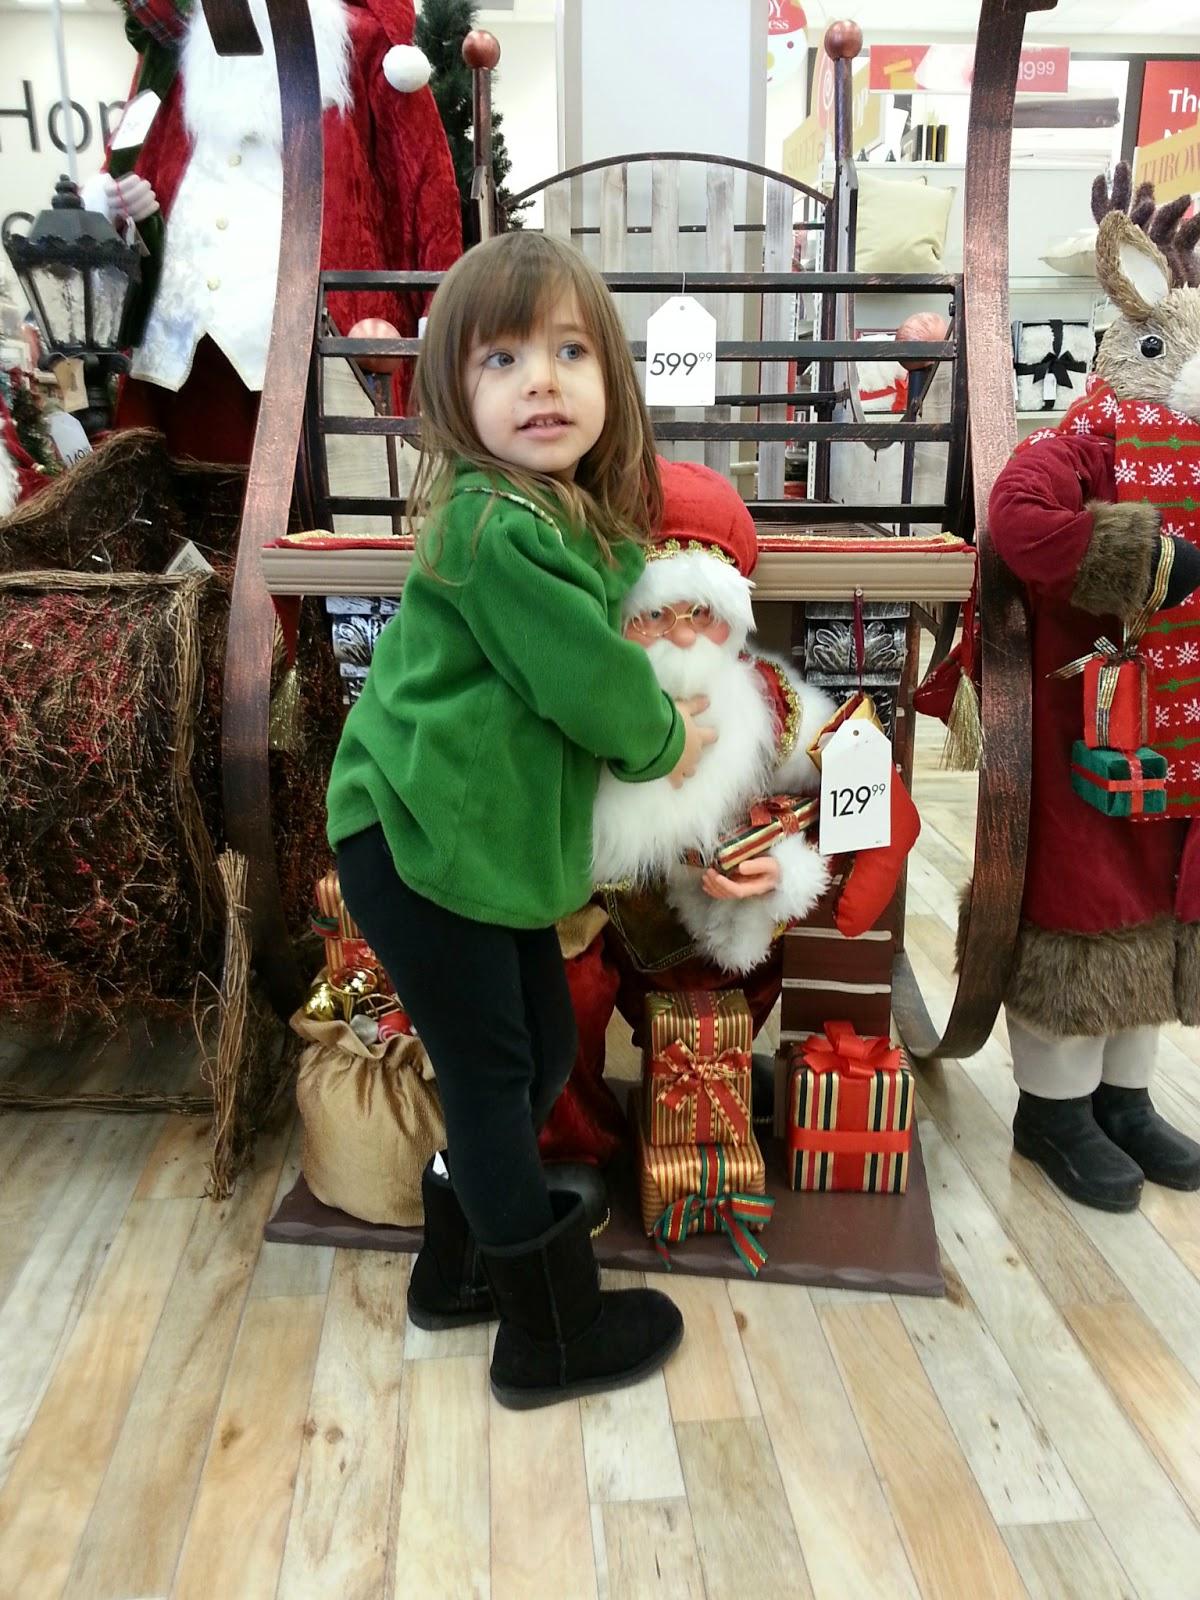 Home Sense - Santa Claus